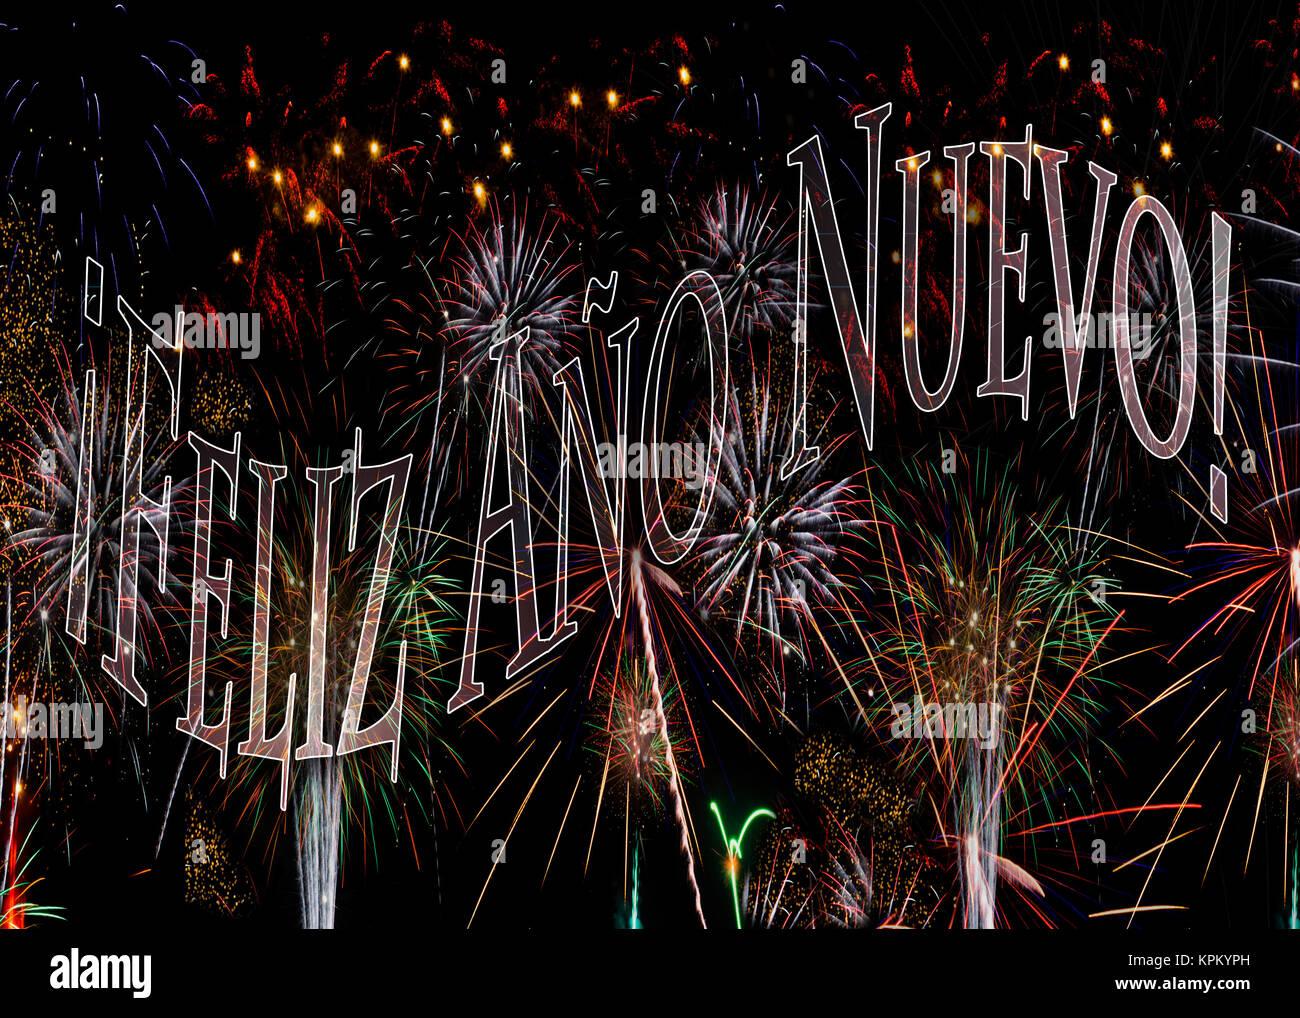 ¡Feliz Año Nuevo! Fuegos Artificiales 2018 Feliz Año Nuevo en español. Concepto disponible con Imagen De Stock